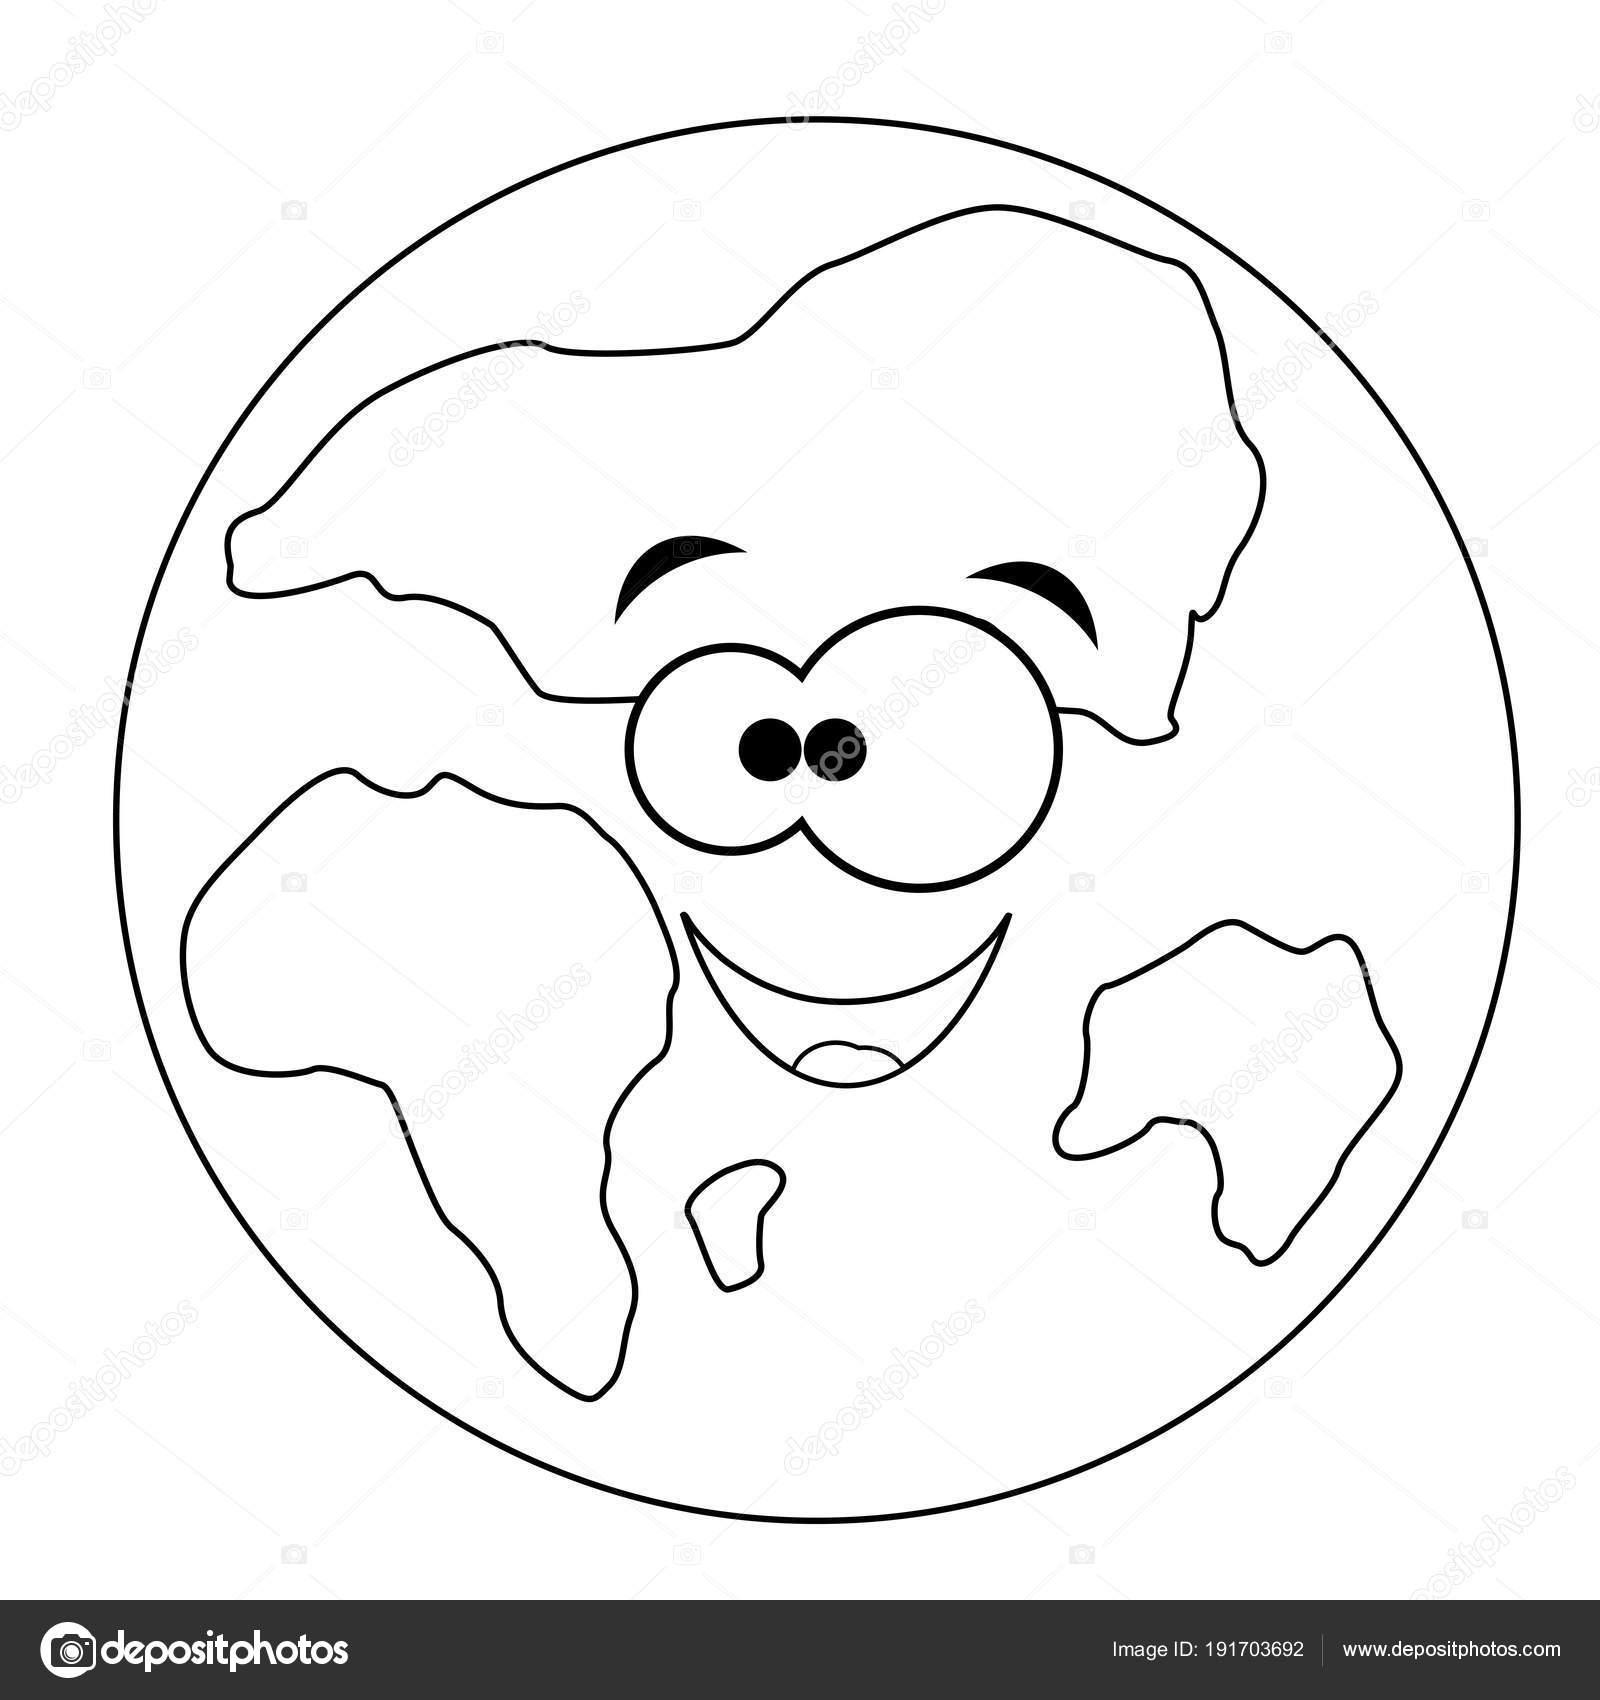 Renksiz Komik Karikatür Dünya Vektör çizim Pag Boyama